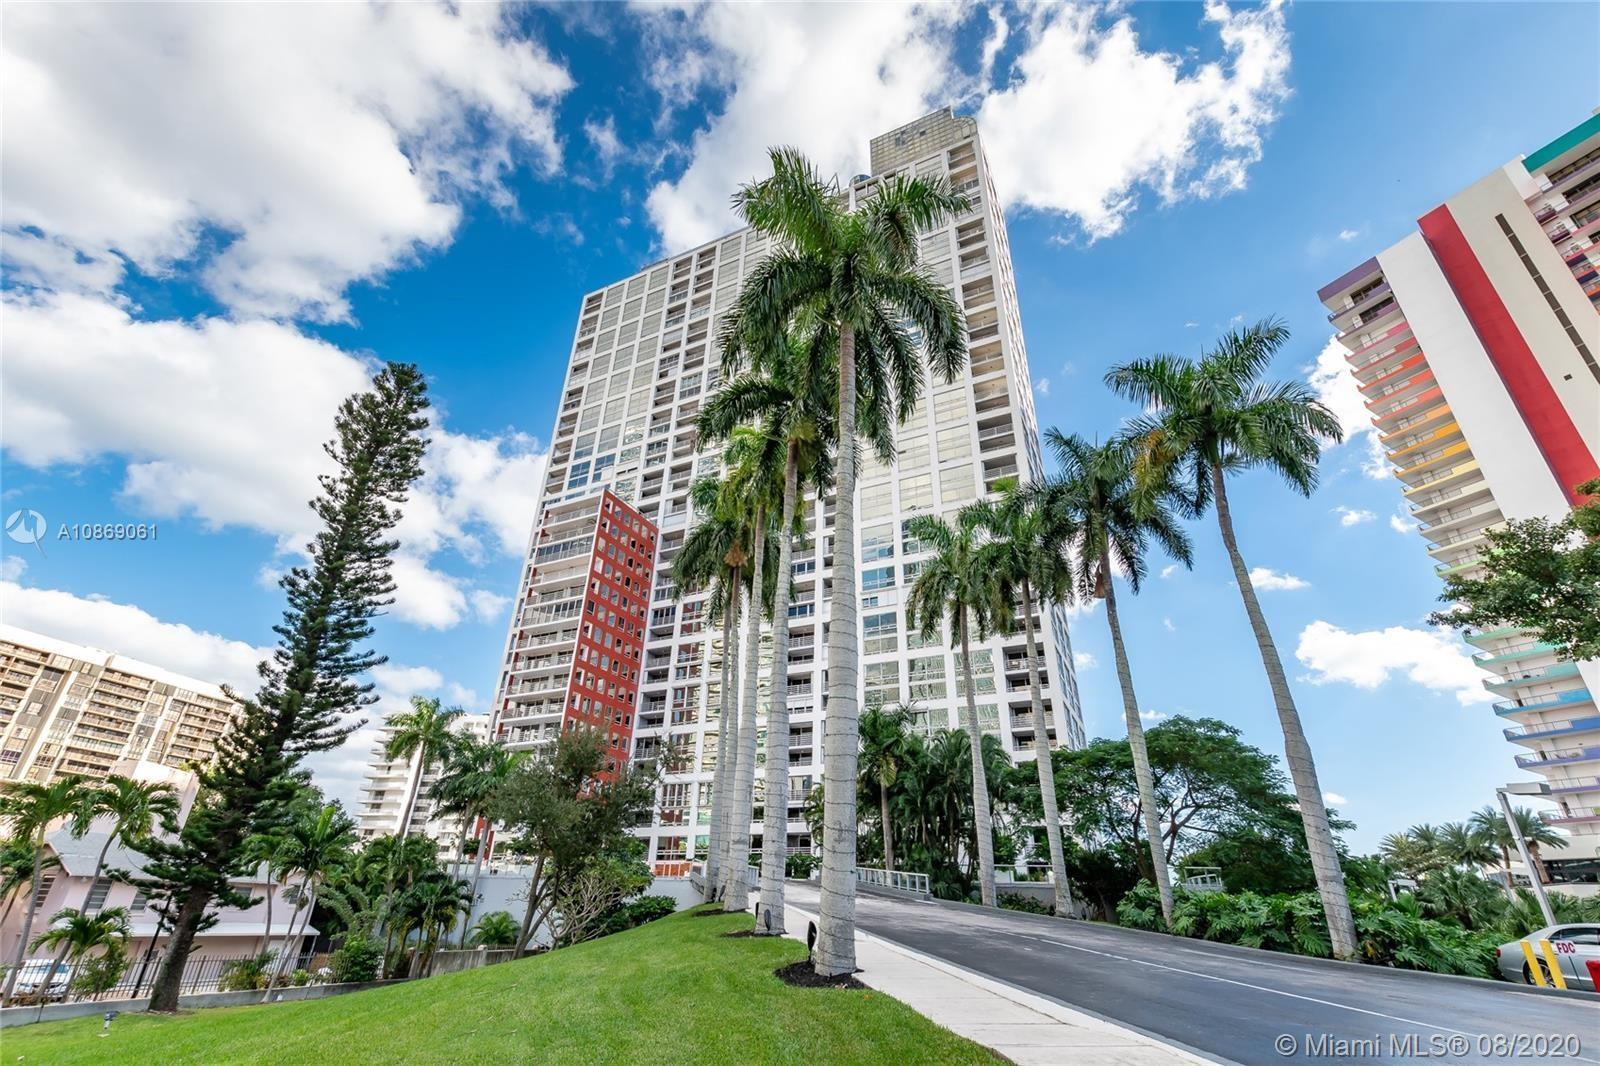 1541 Brickell Ave Avenue #C1105 Property Photo - Miami, FL real estate listing